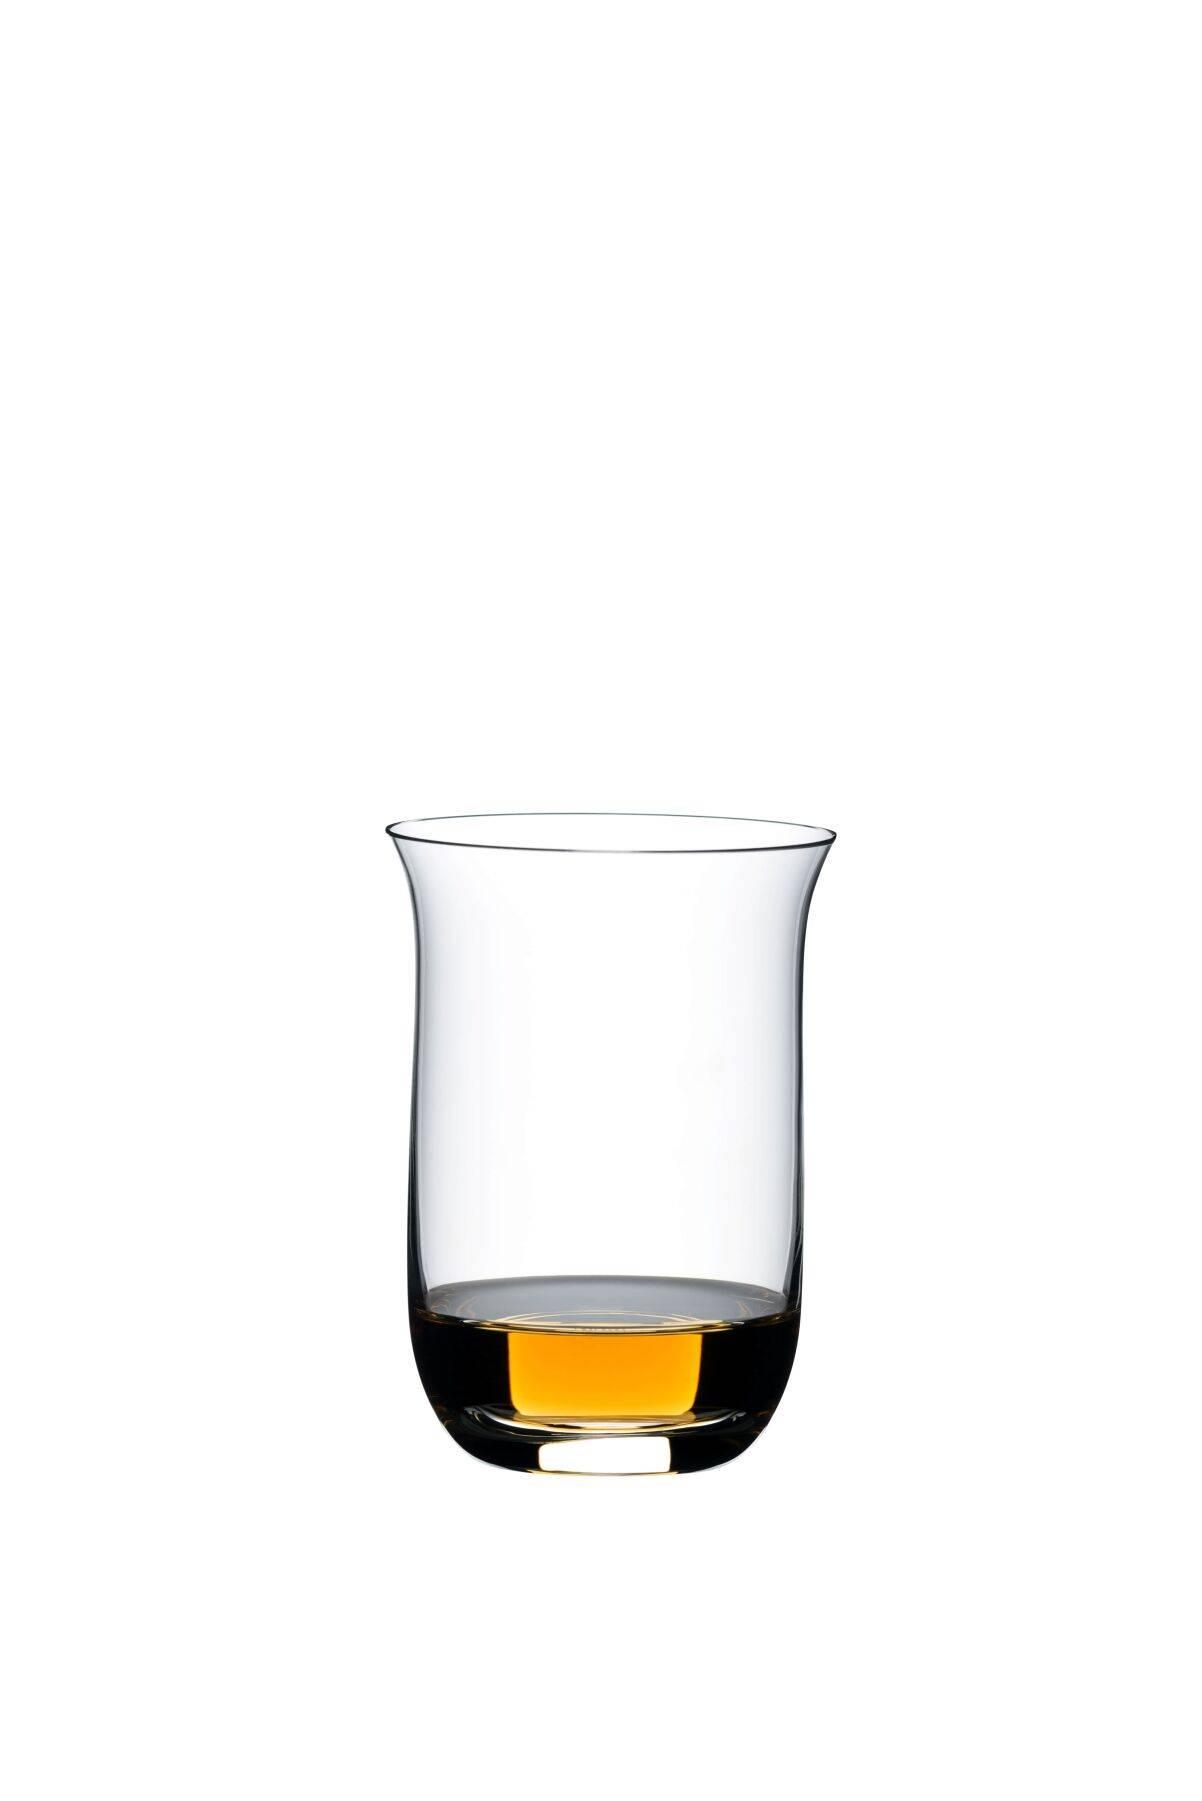 Специальный бокал для виски glencairn: в чем его преимущества, где купить и по какой цене?